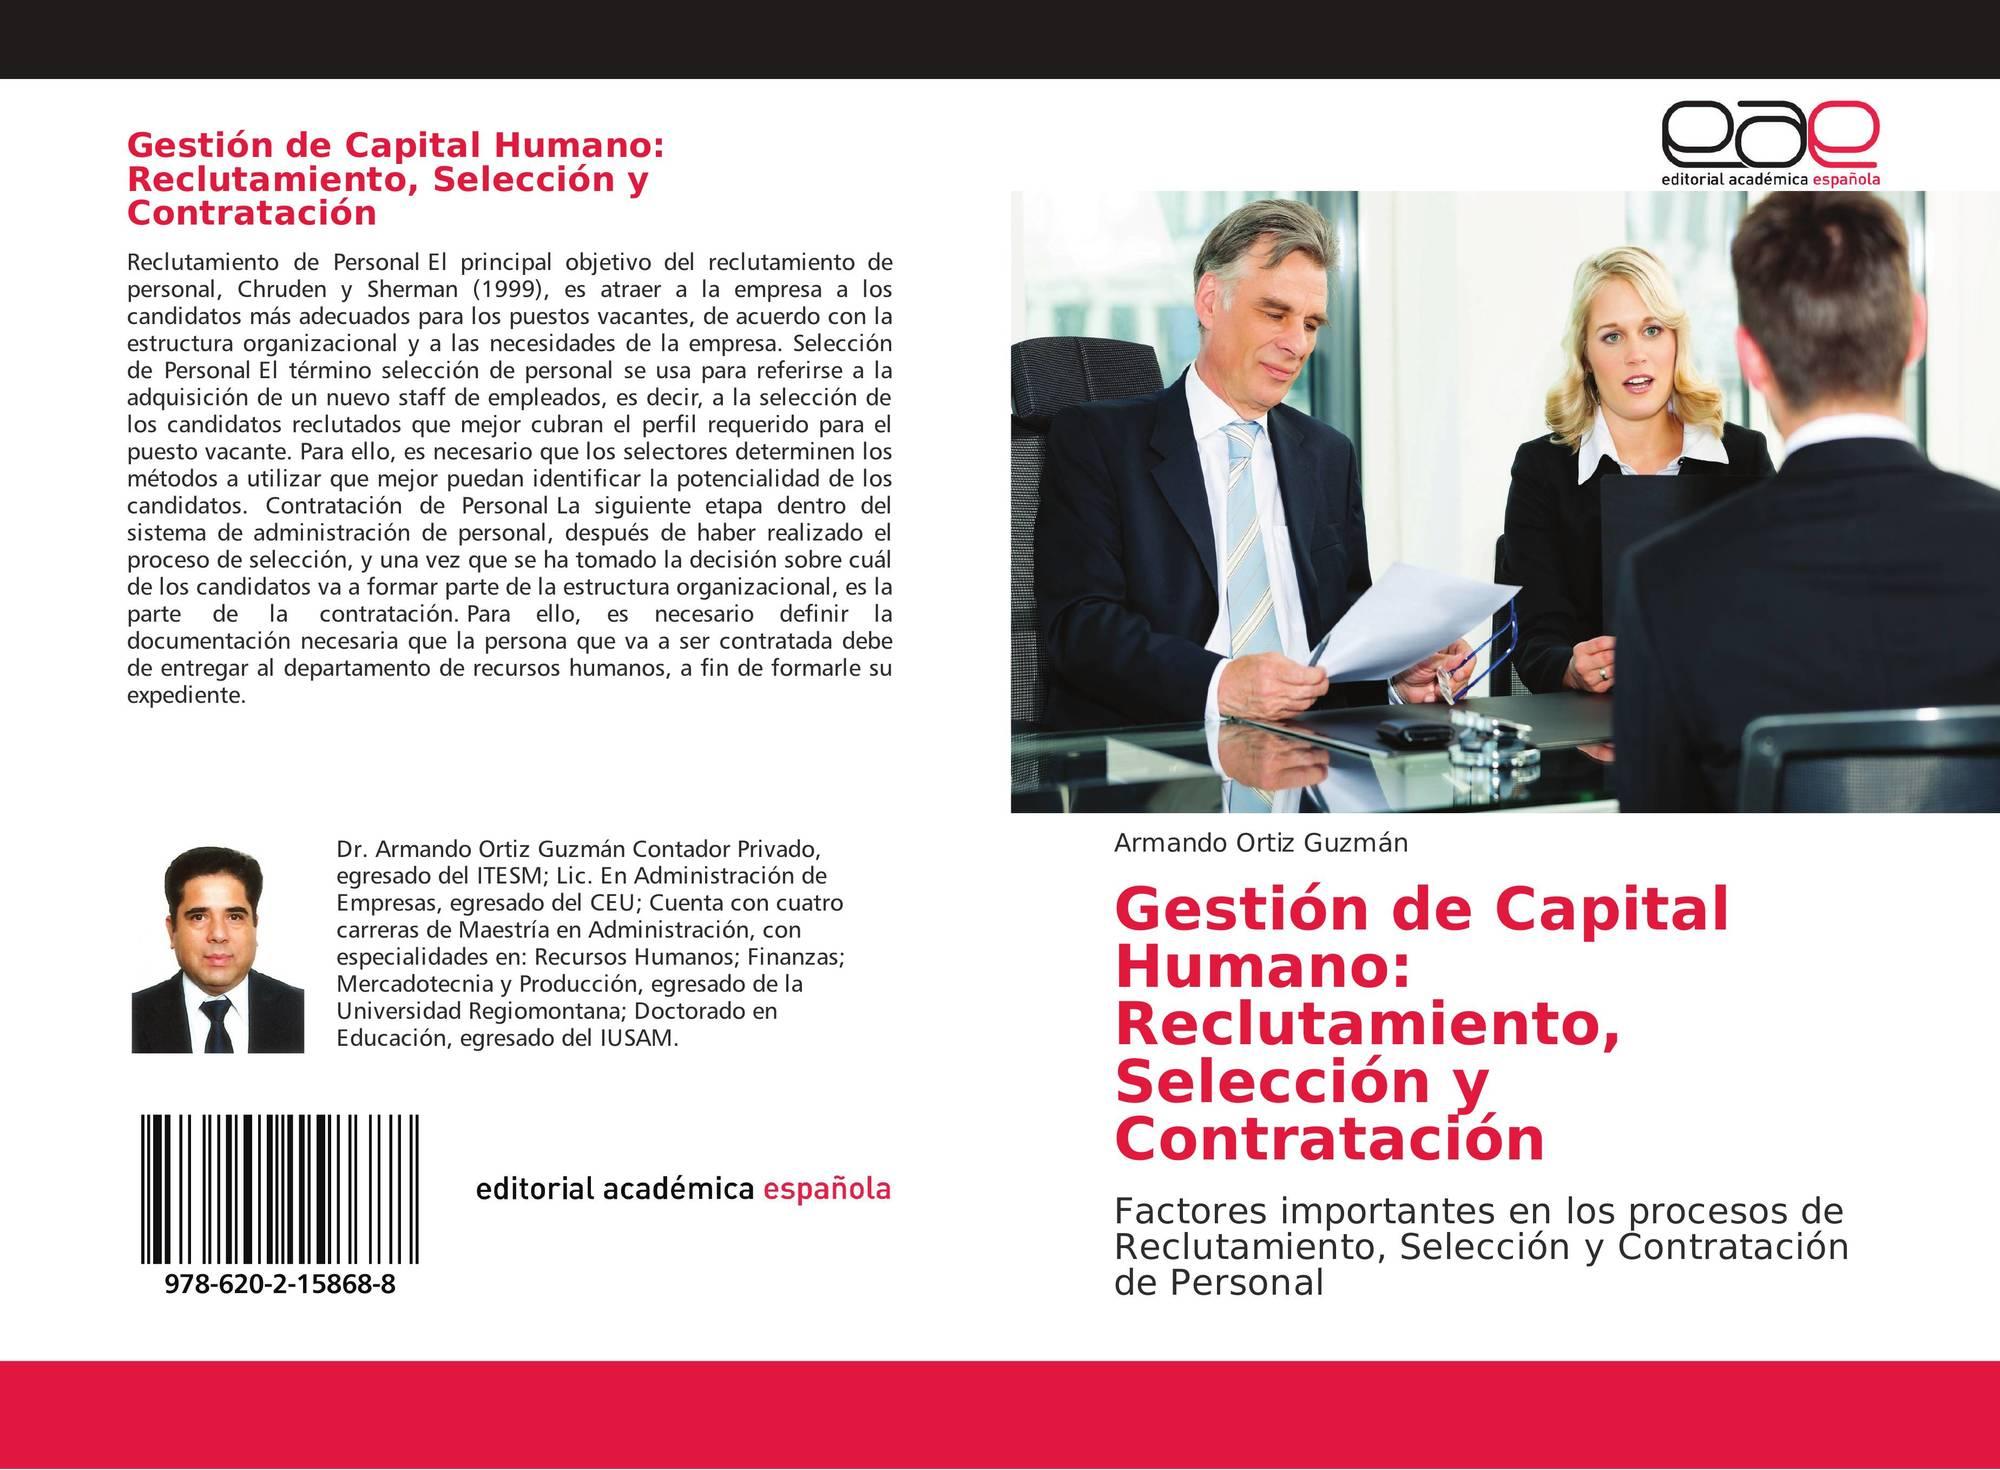 Gestion De Capital Humano Reclutamiento Seleccion Y Contratacion